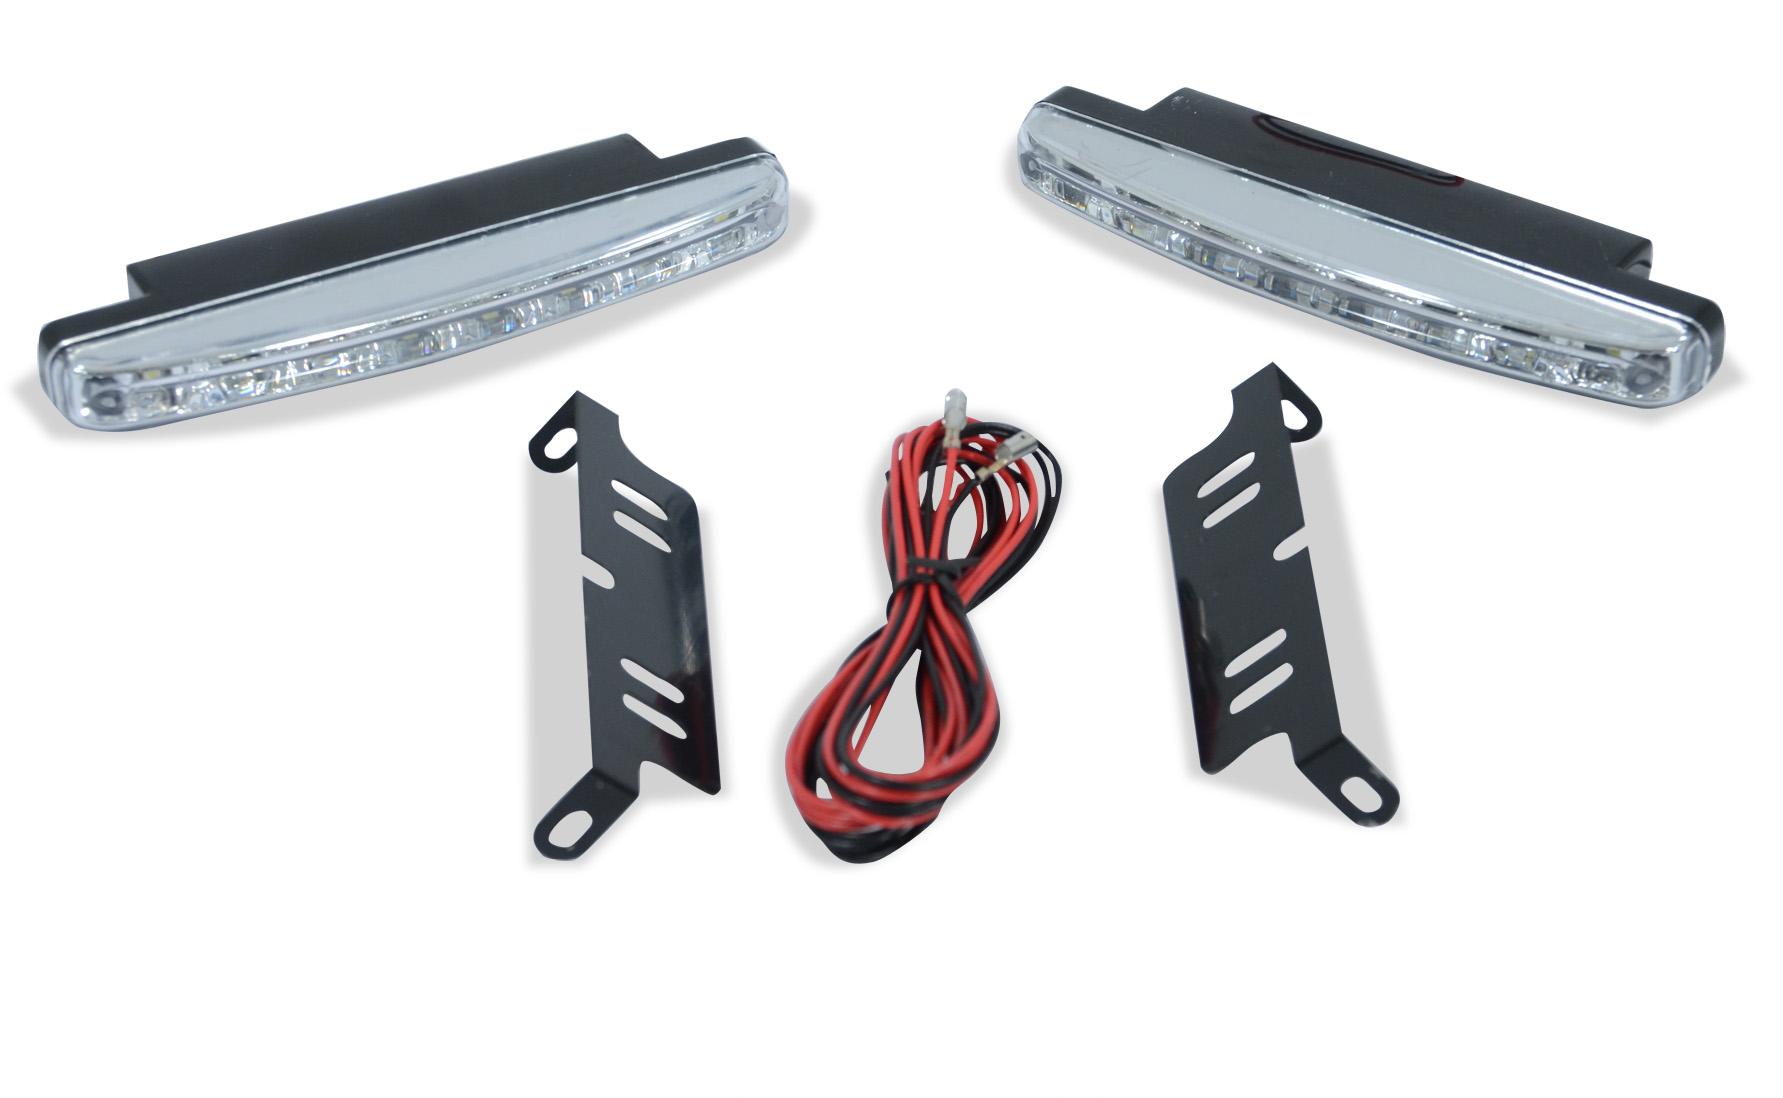 Lighting Bodykit for 2016 Universal Universal ALL - LED Daytime Running Light 1 - 2 Piece